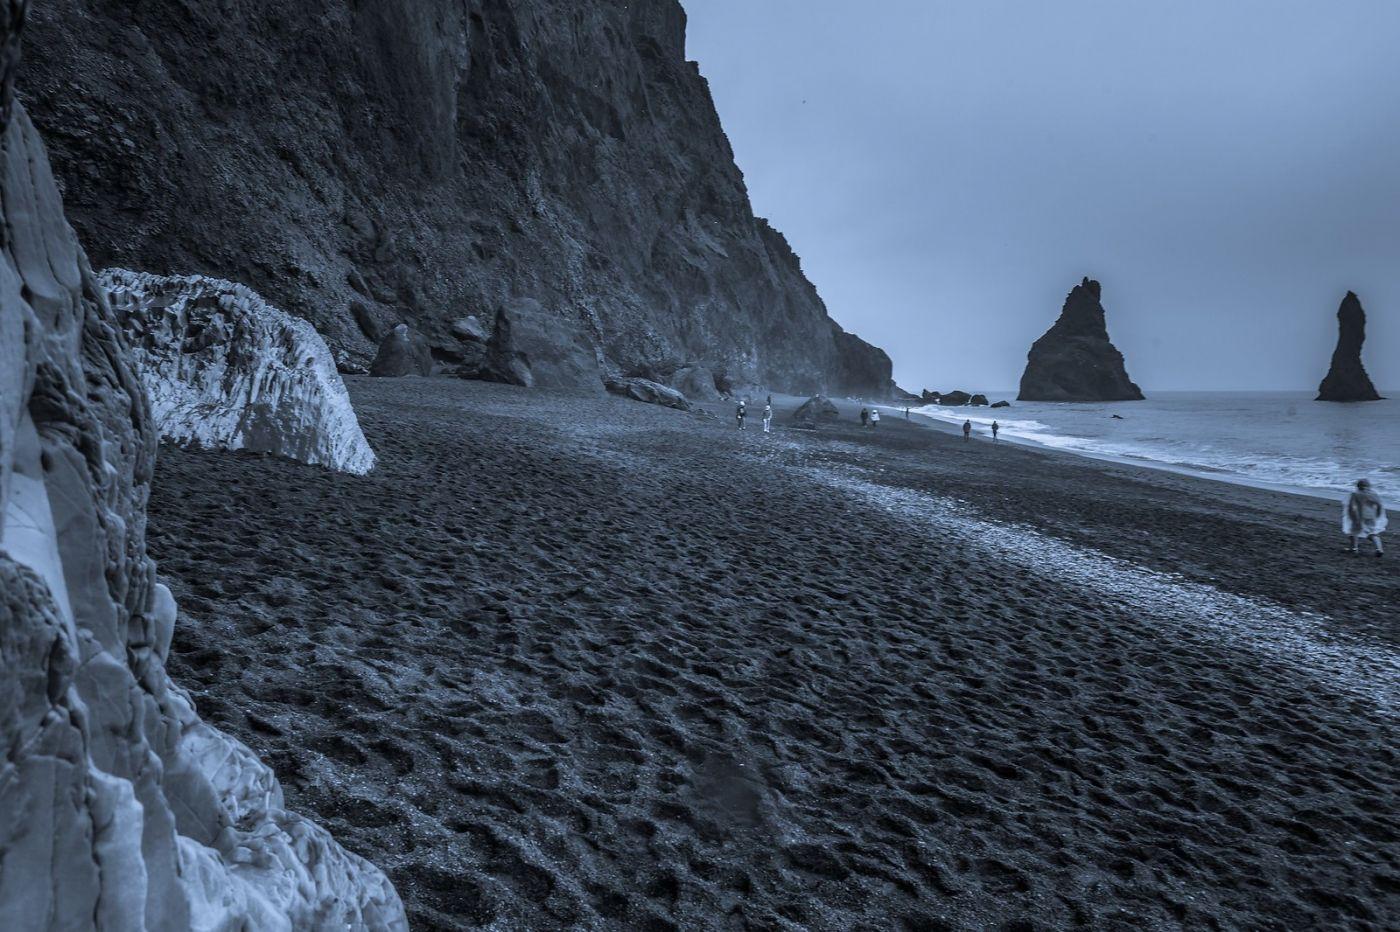 冰岛雷尼斯法加拉黑沙滩(Reynisfjara Black Sand Beach)_图1-20